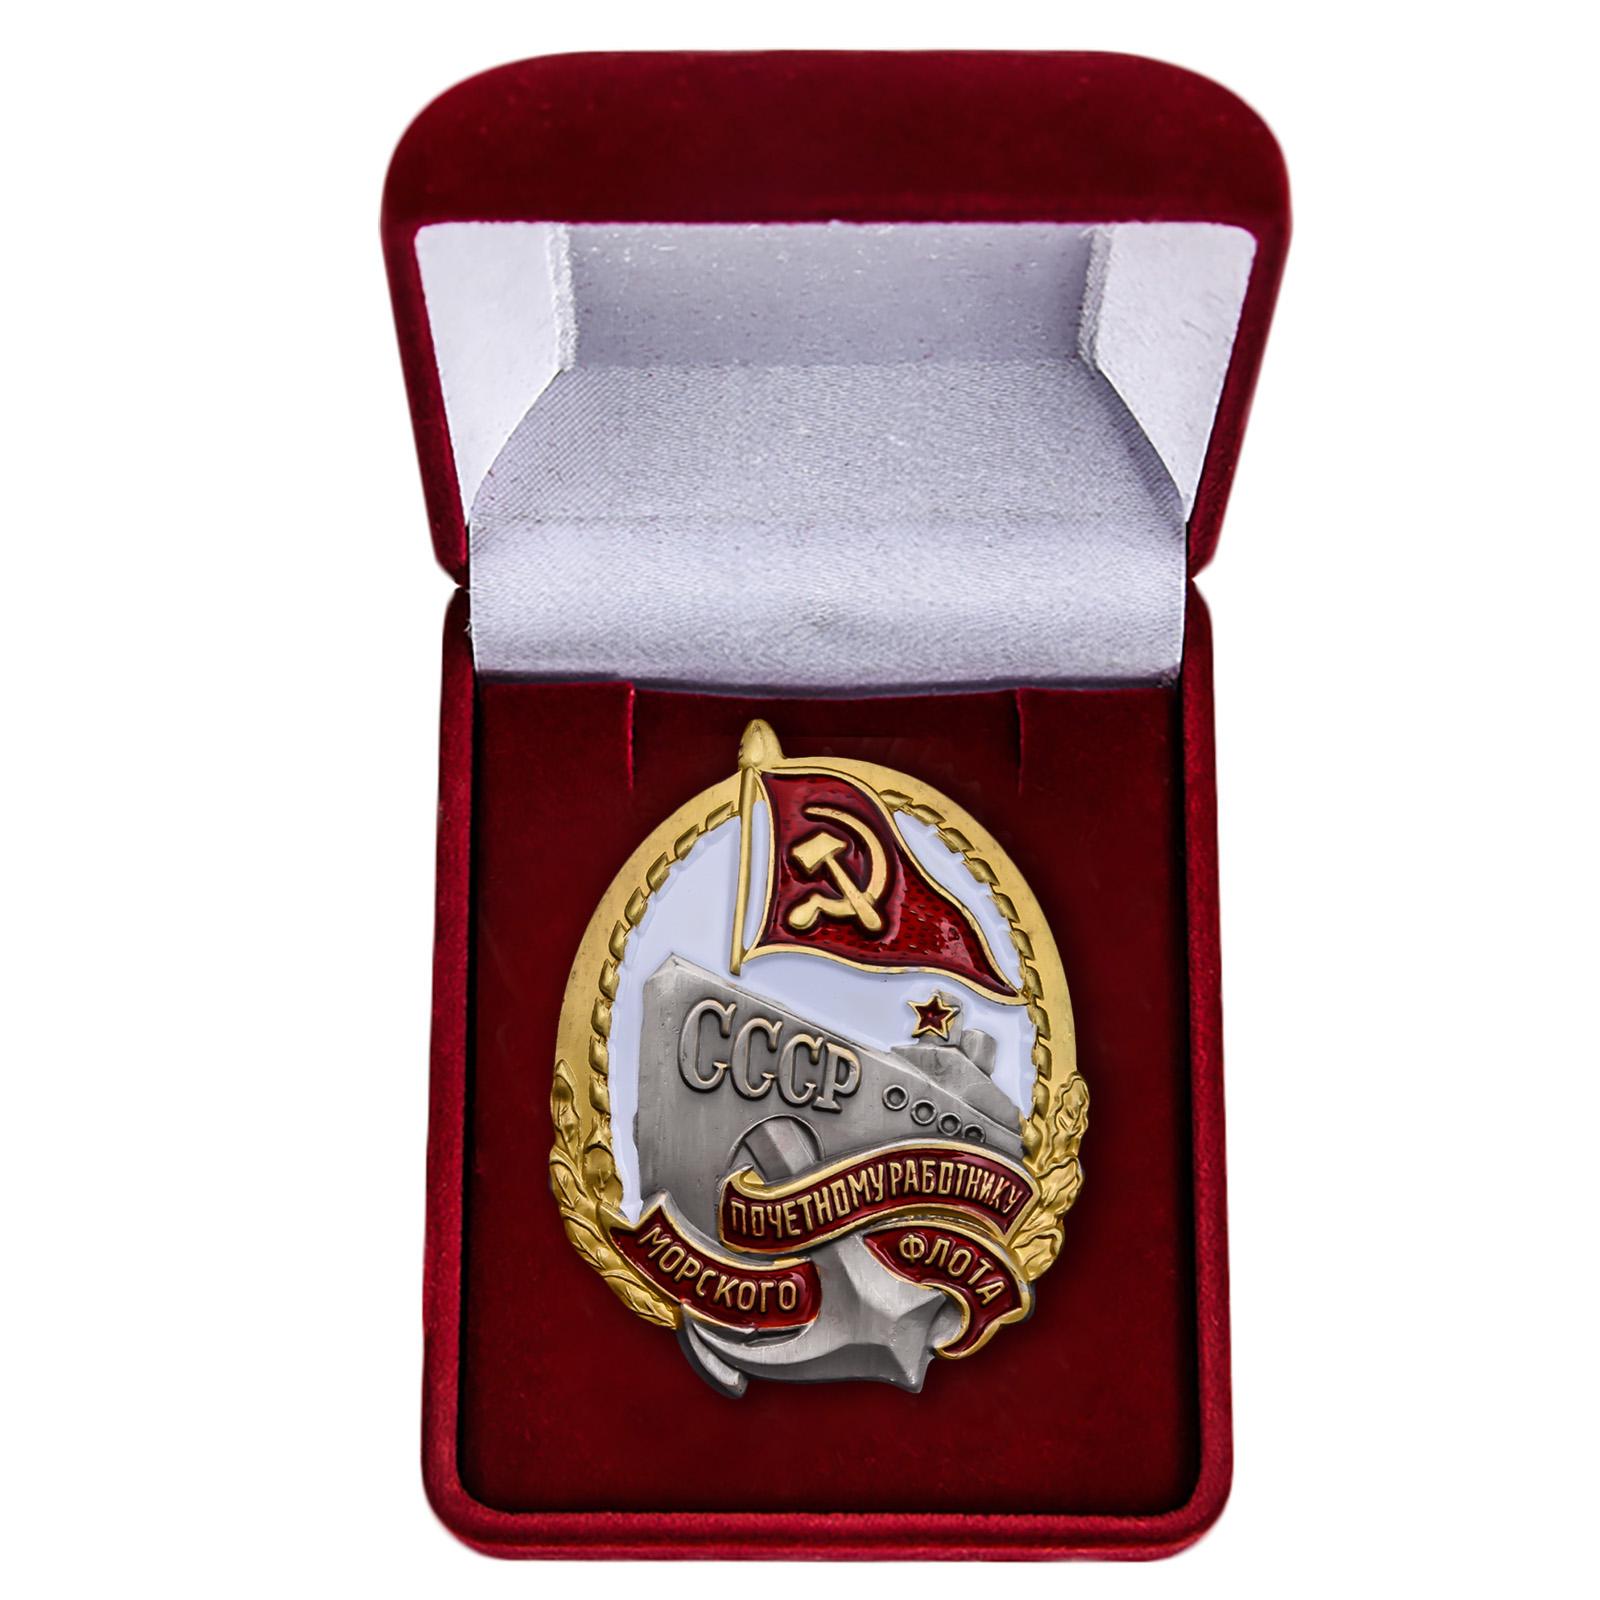 Нагрудный знак Почетному работнику морского флота СССР - в футляре